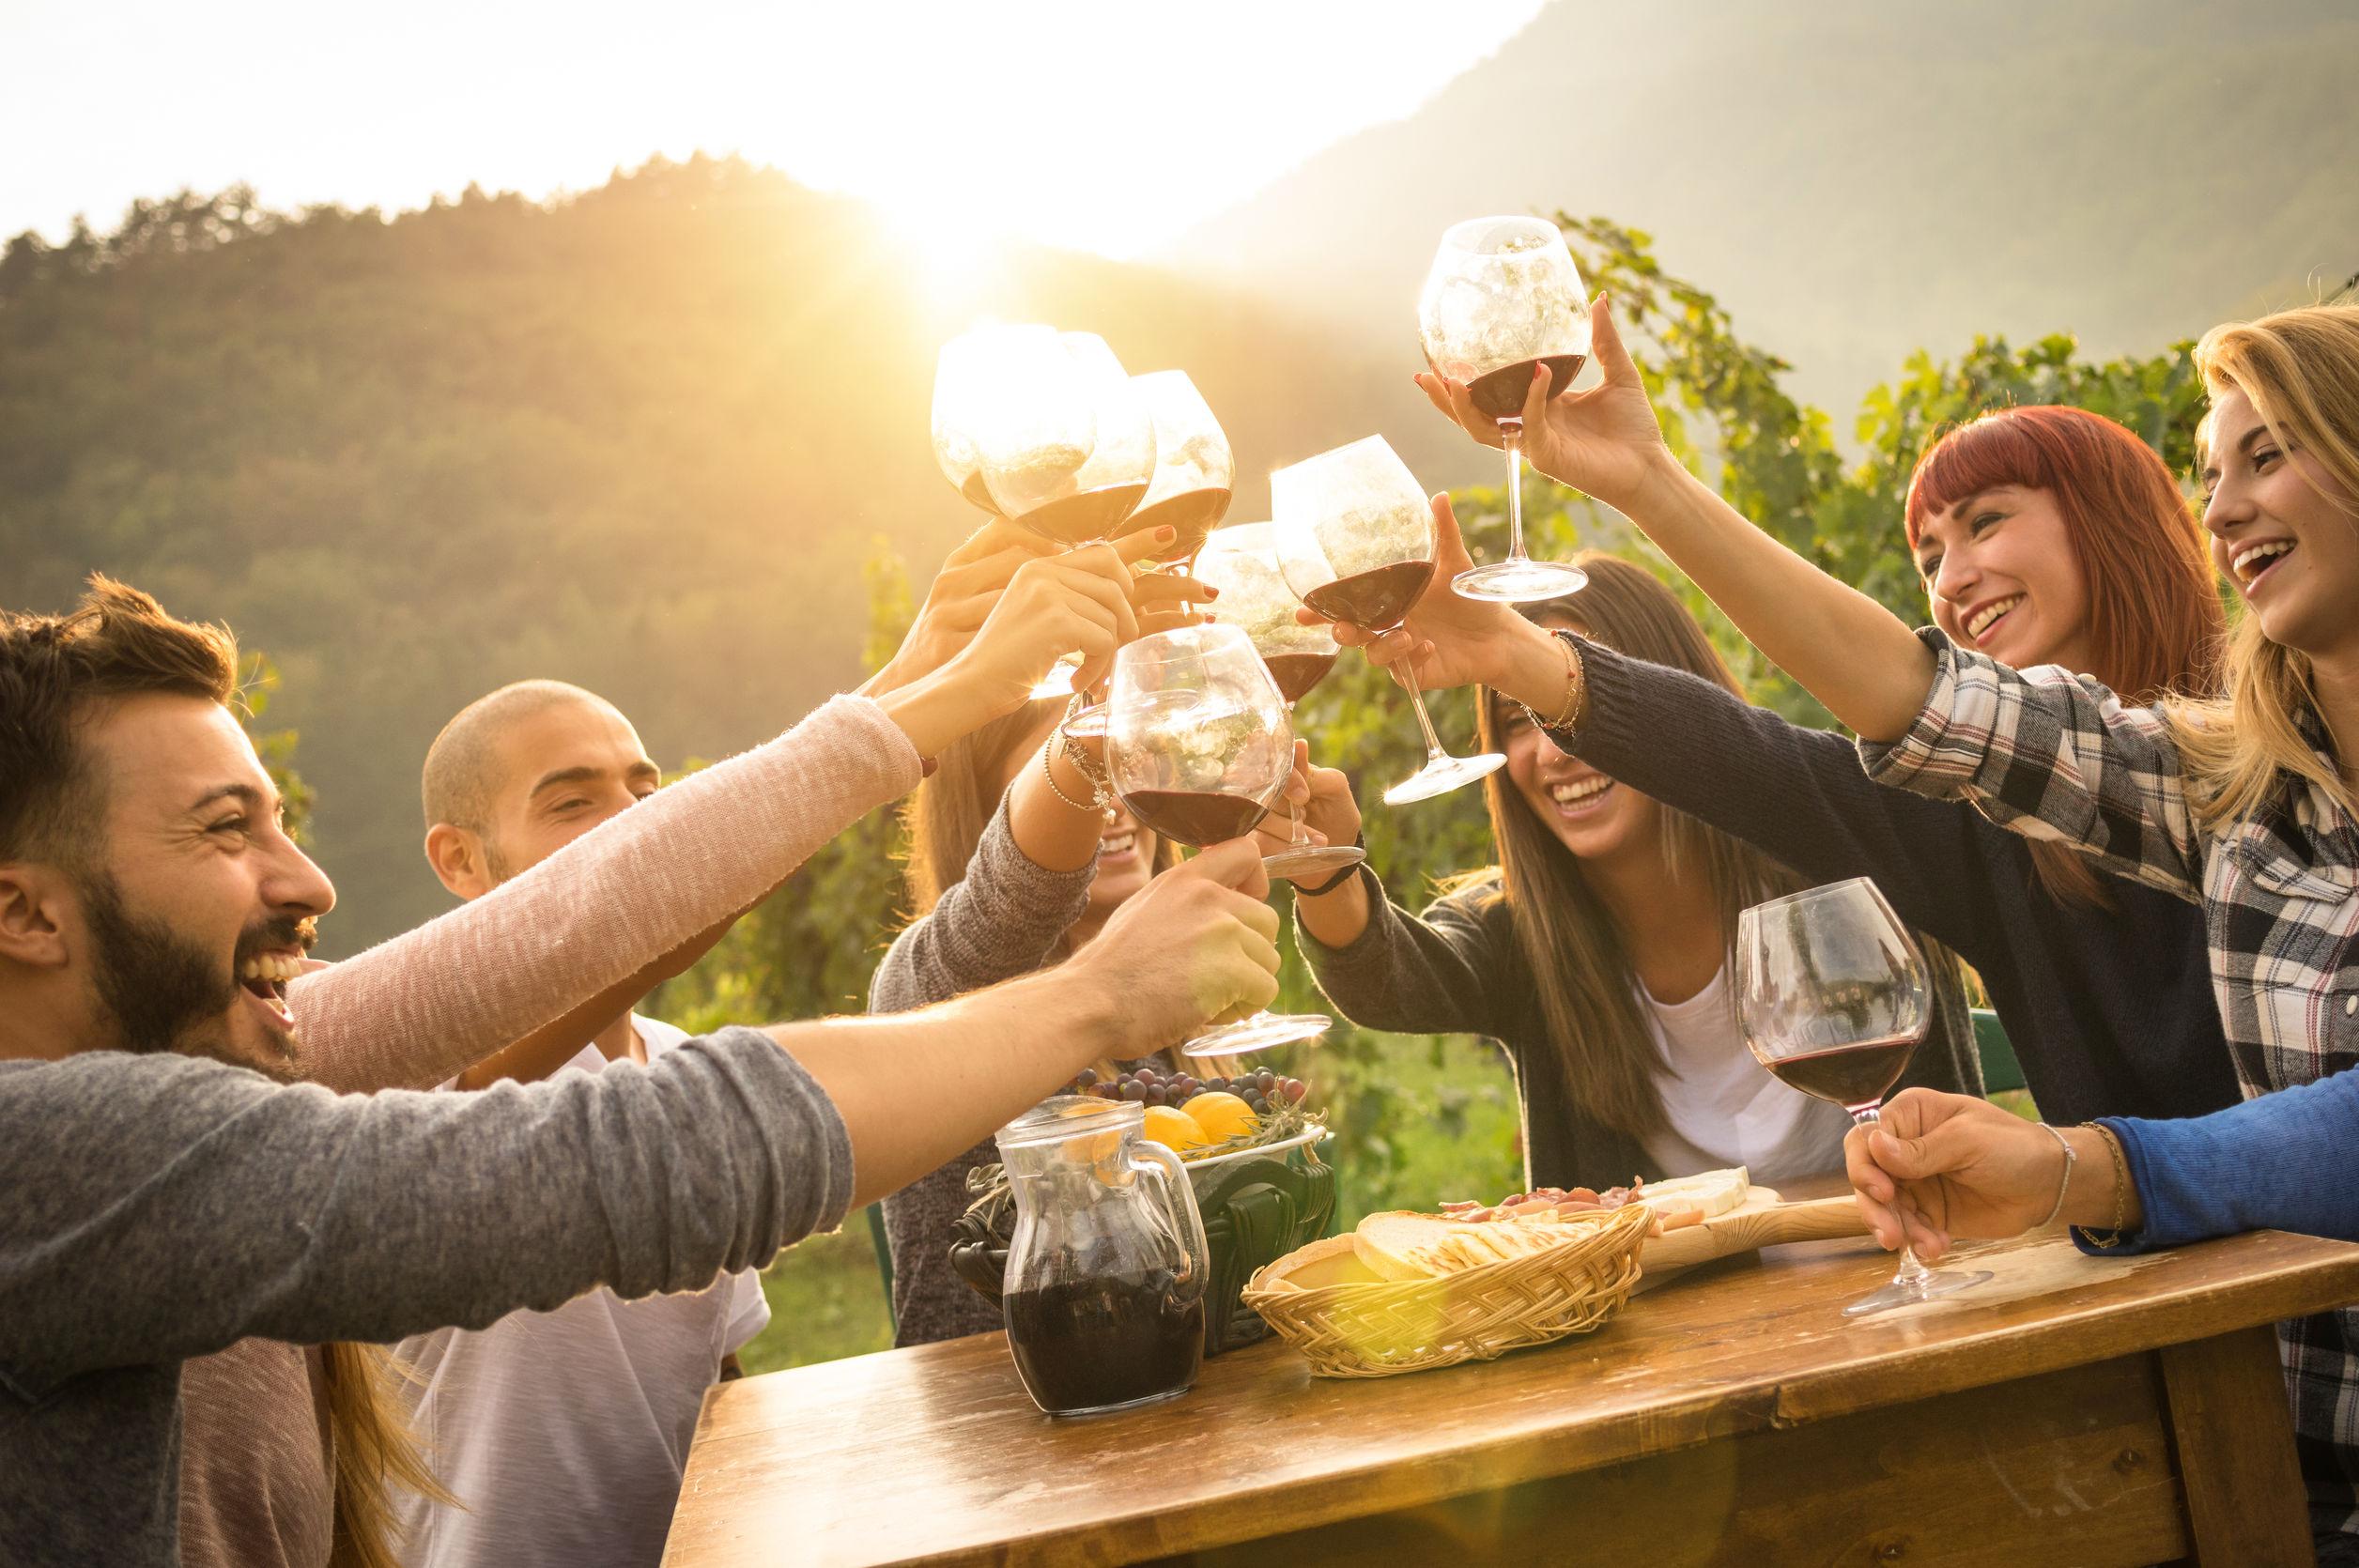 Weingemeinschaft, Apero, Wein kaufen